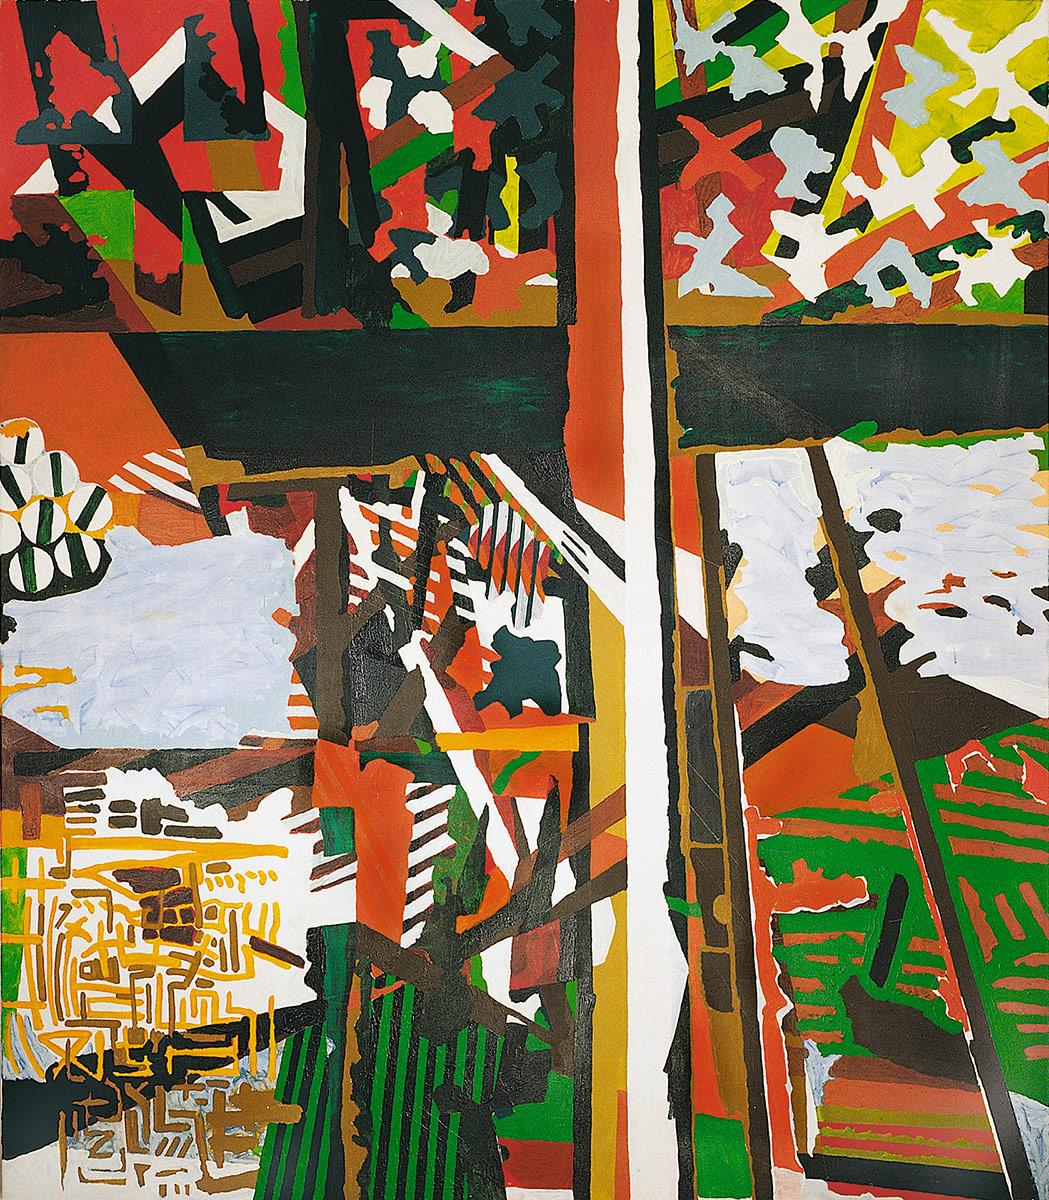 Acryl auf Nessel, 200 x 230 cm, 1998